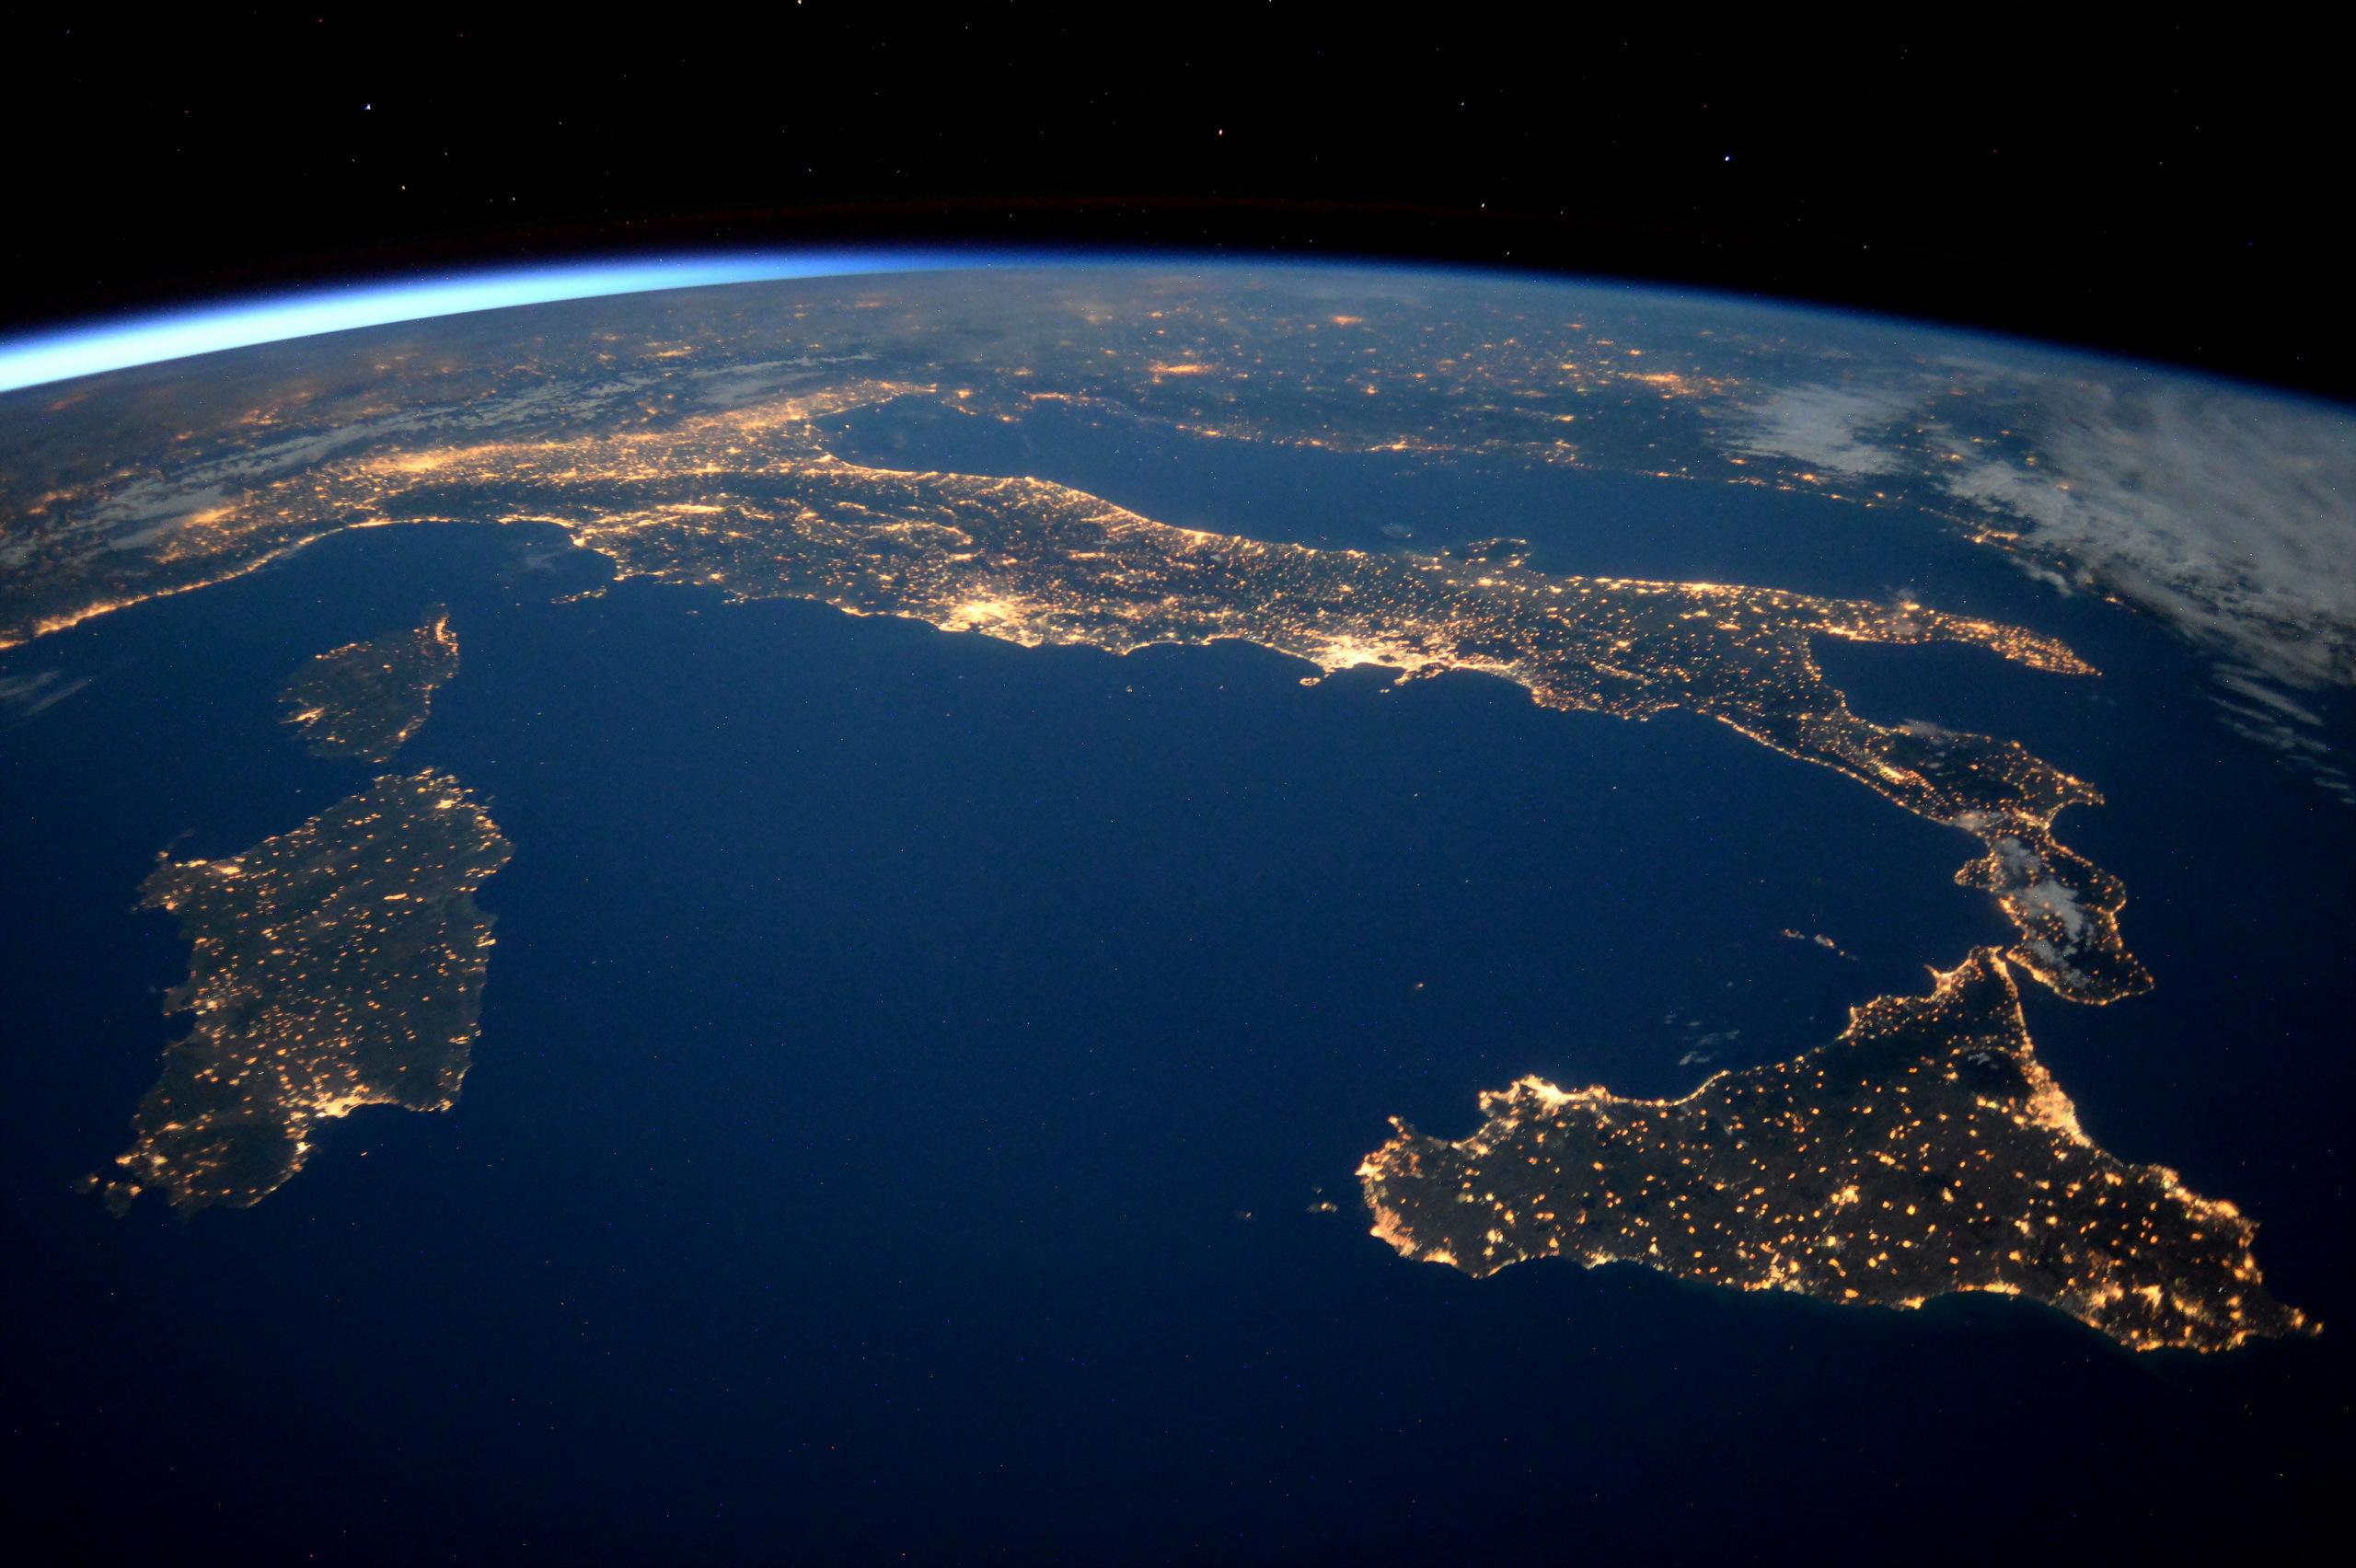 том, фотографии земли из космоса в высоком качестве управление